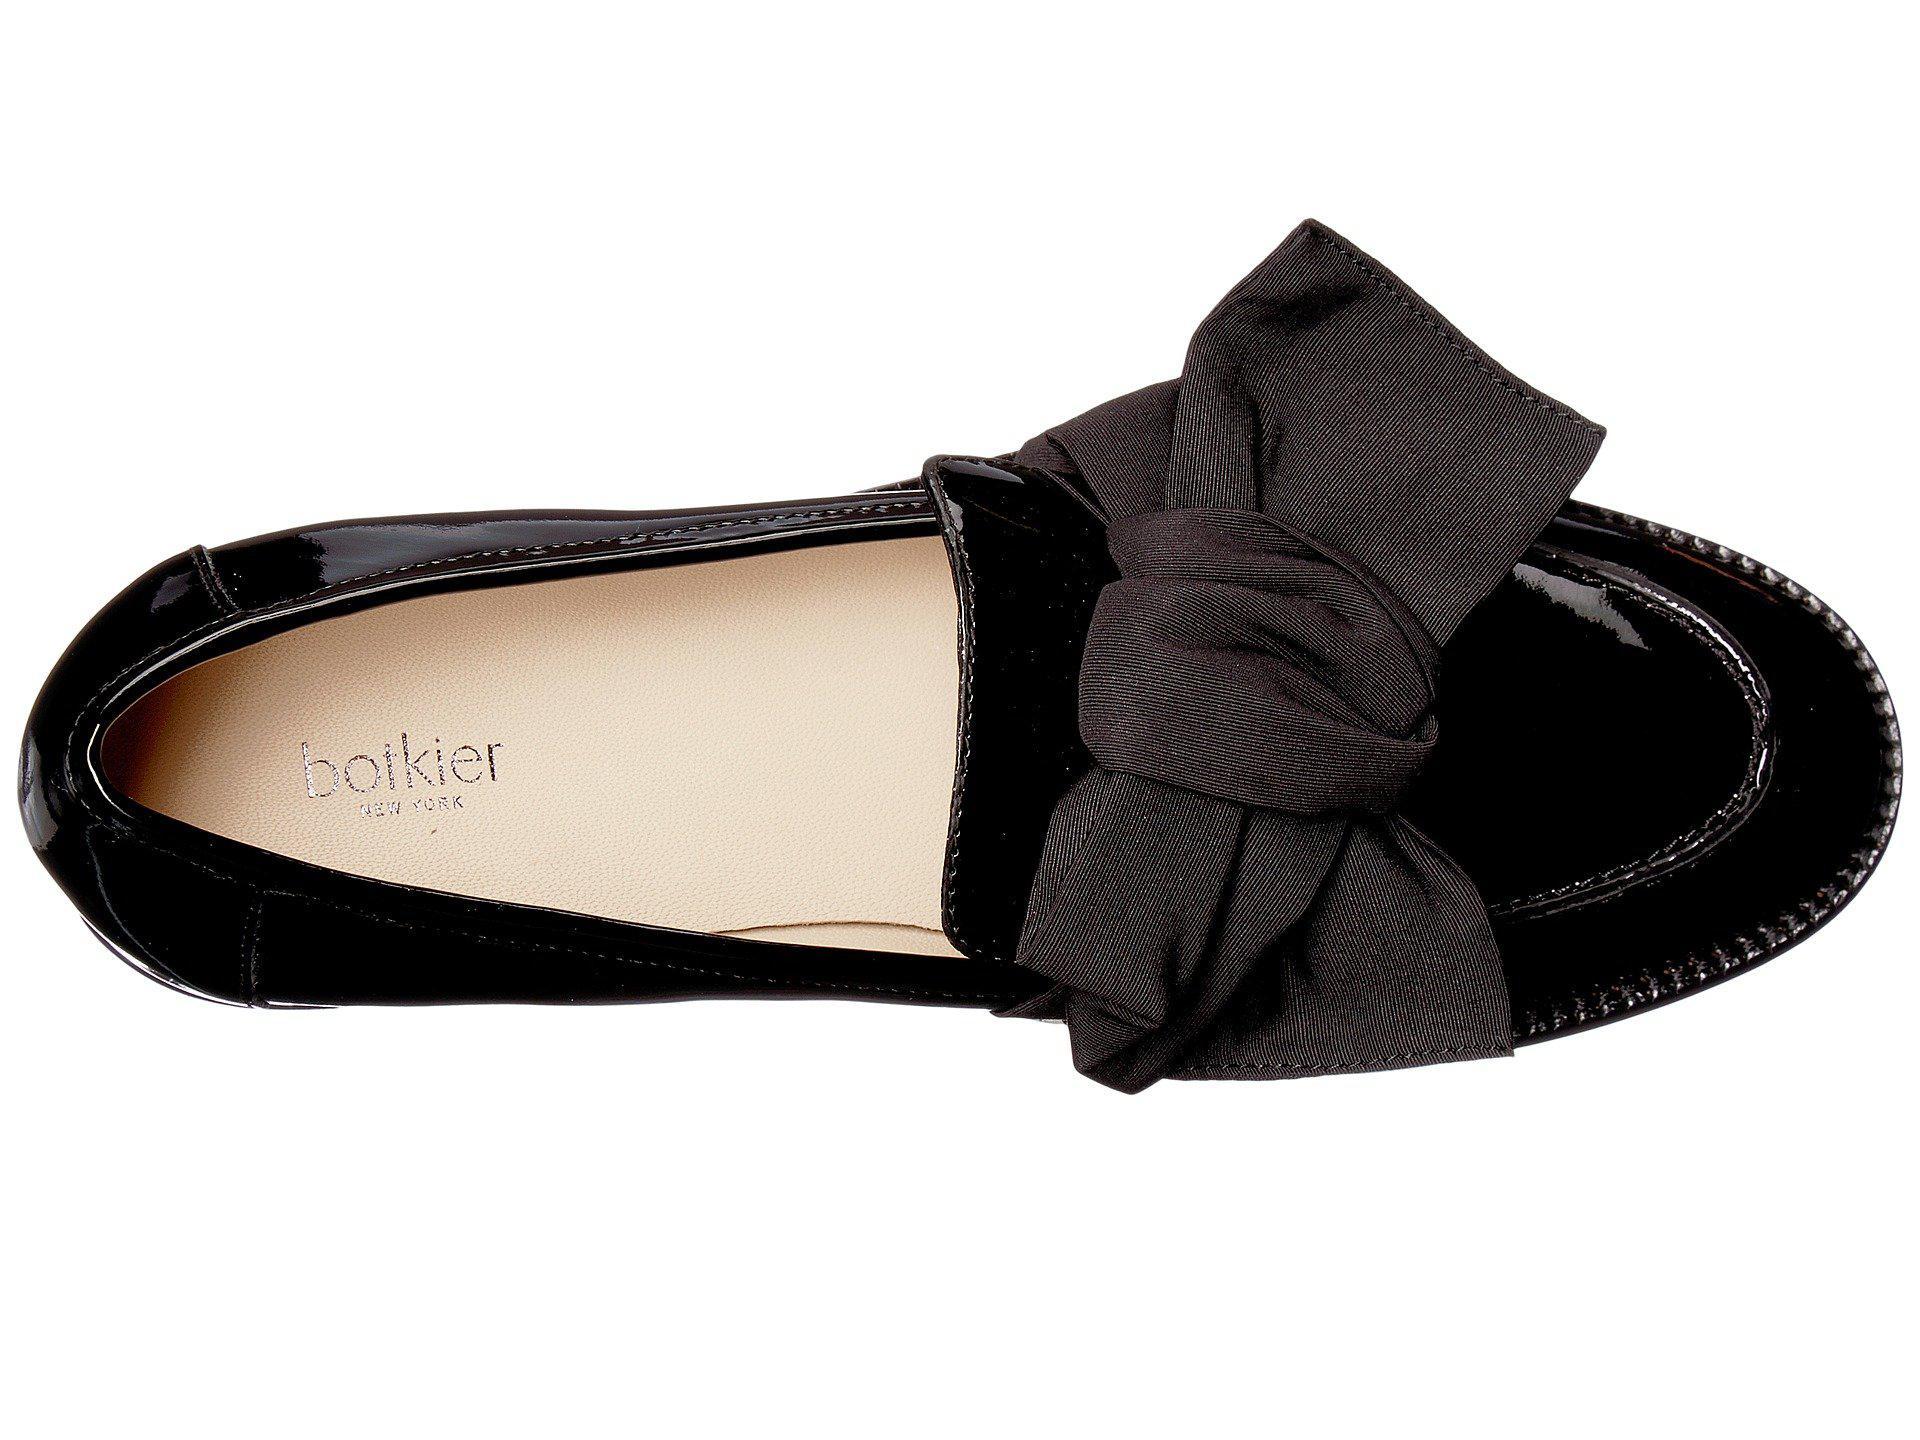 12e83c0c205 Lyst - Botkier Violet Loafer (black Patent) Women s Slip-on Dress ...